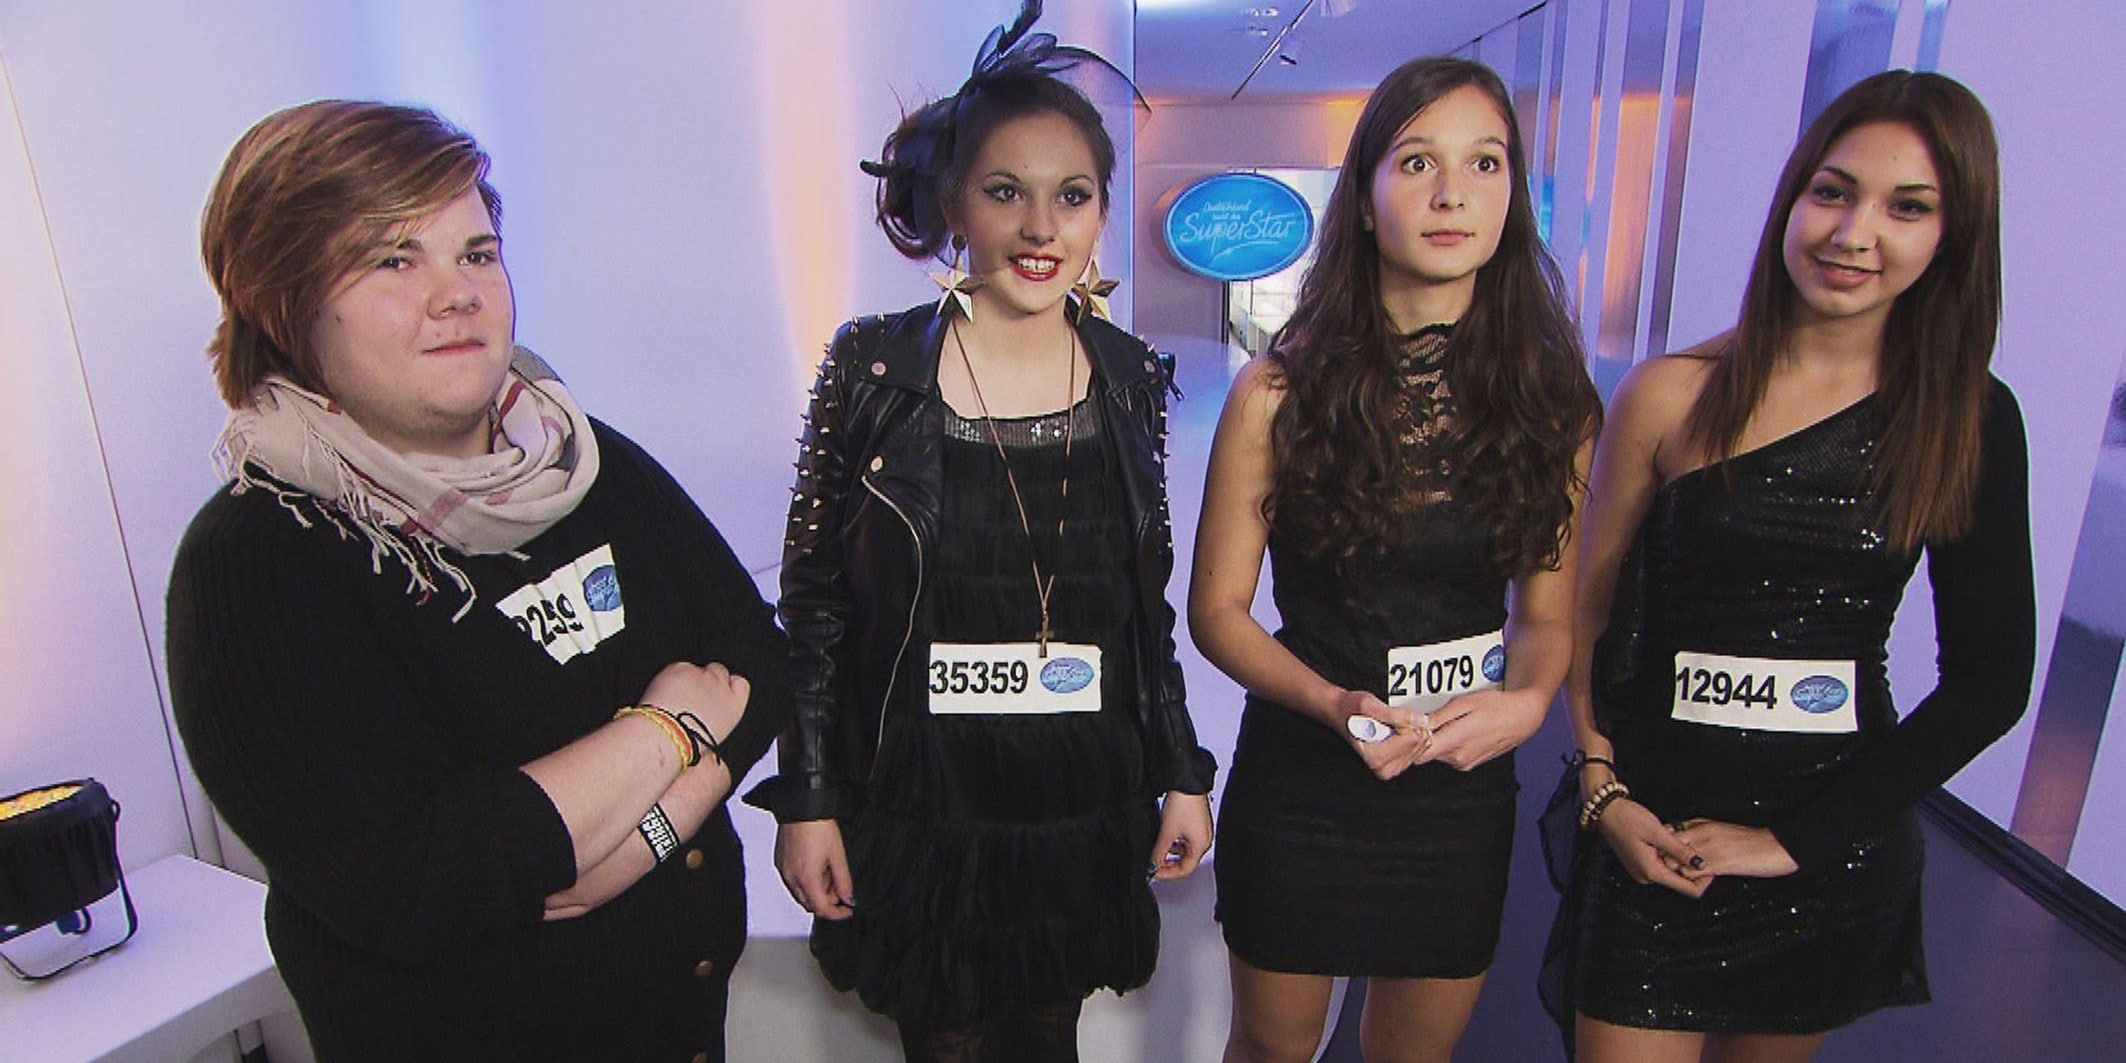 DSDS 2013: Müssen Gilbert Neumann, Chiara Coppolino, Laura Kleinas und Agustina Fernandez abreisen? - TV News